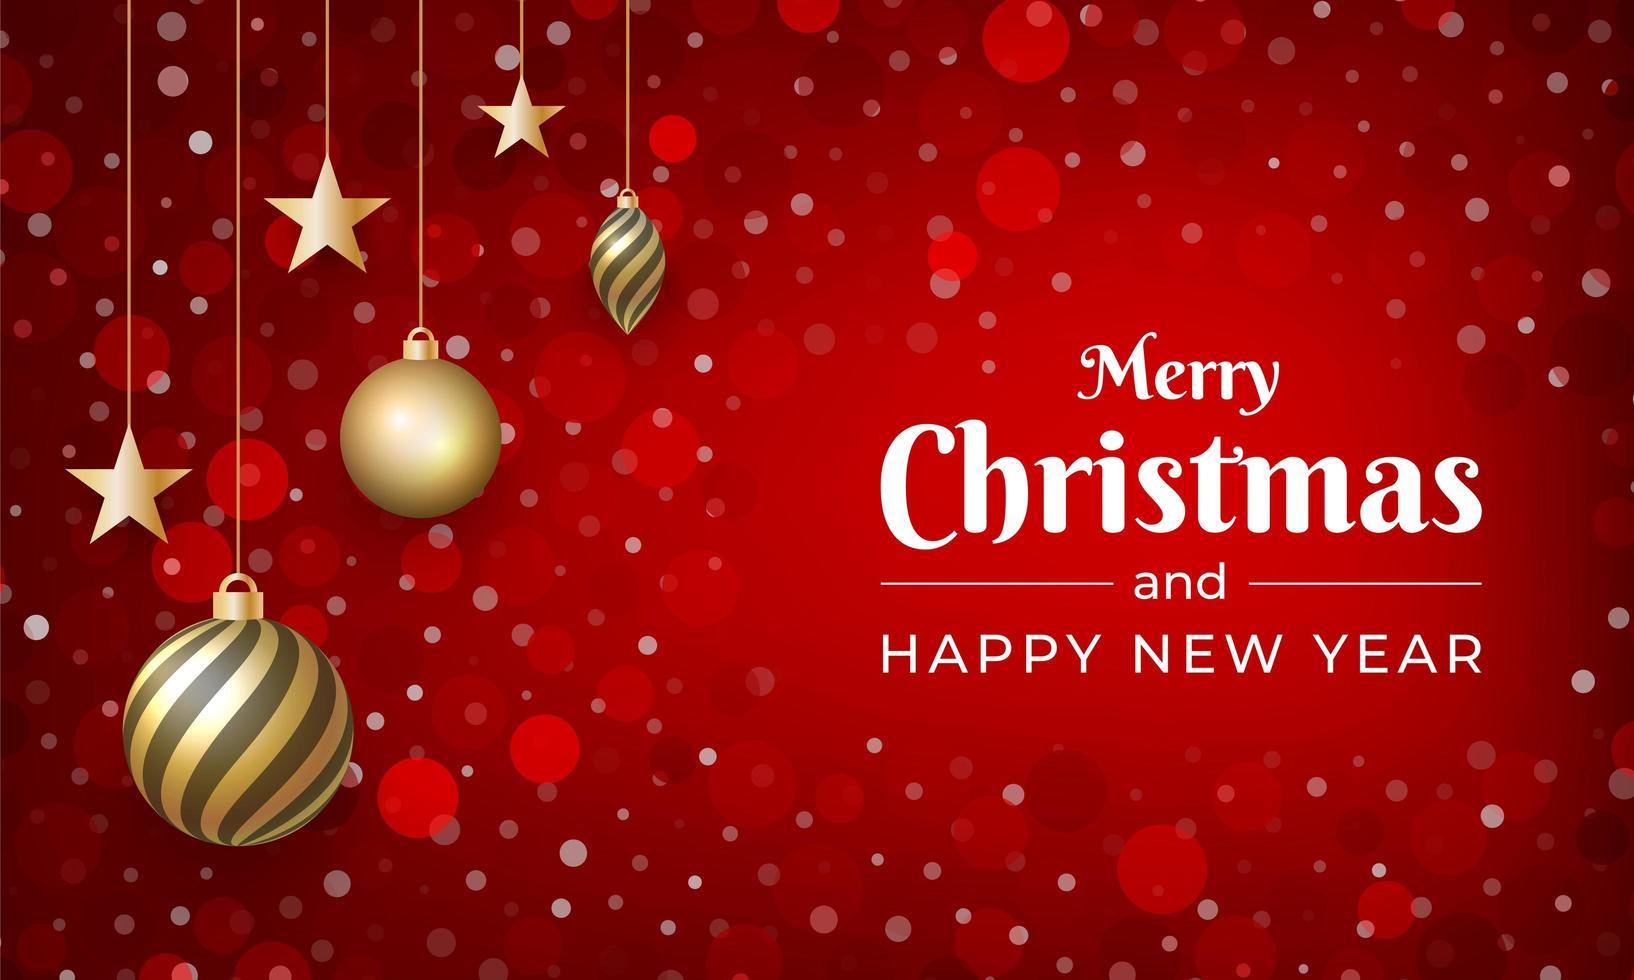 feliz navidad con color rojo y efecto nieve vector